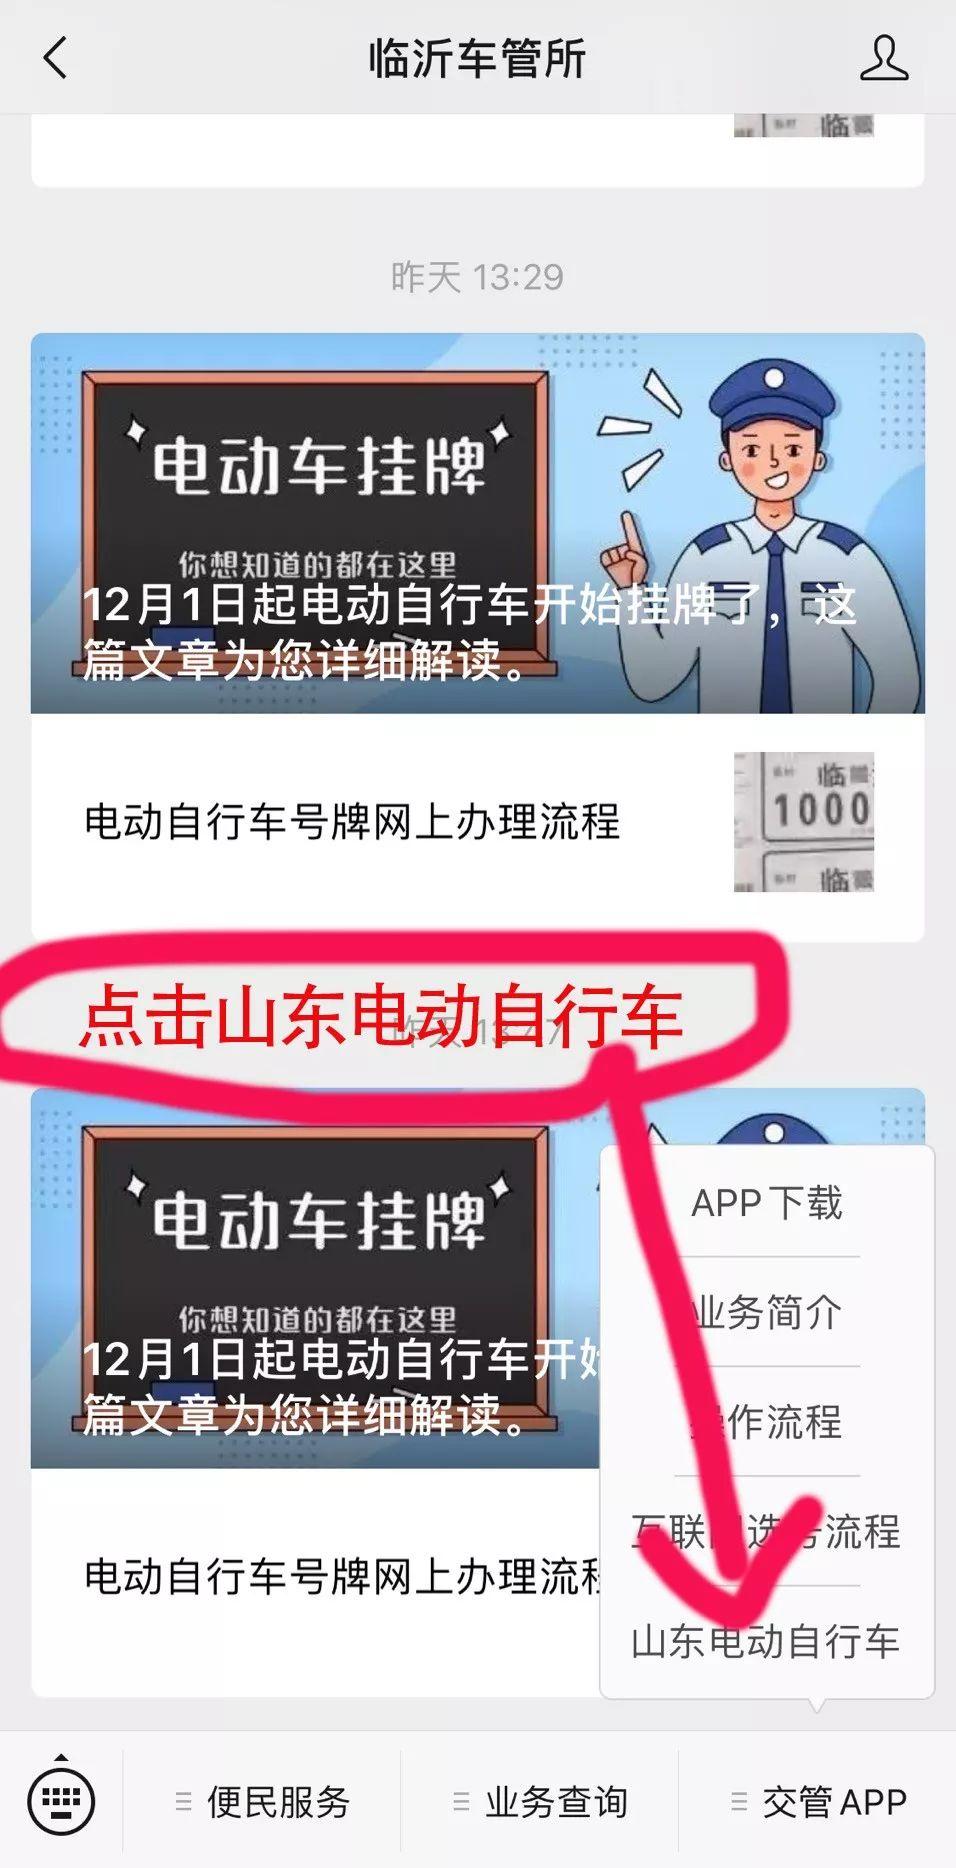 高速临沂南收费站图片